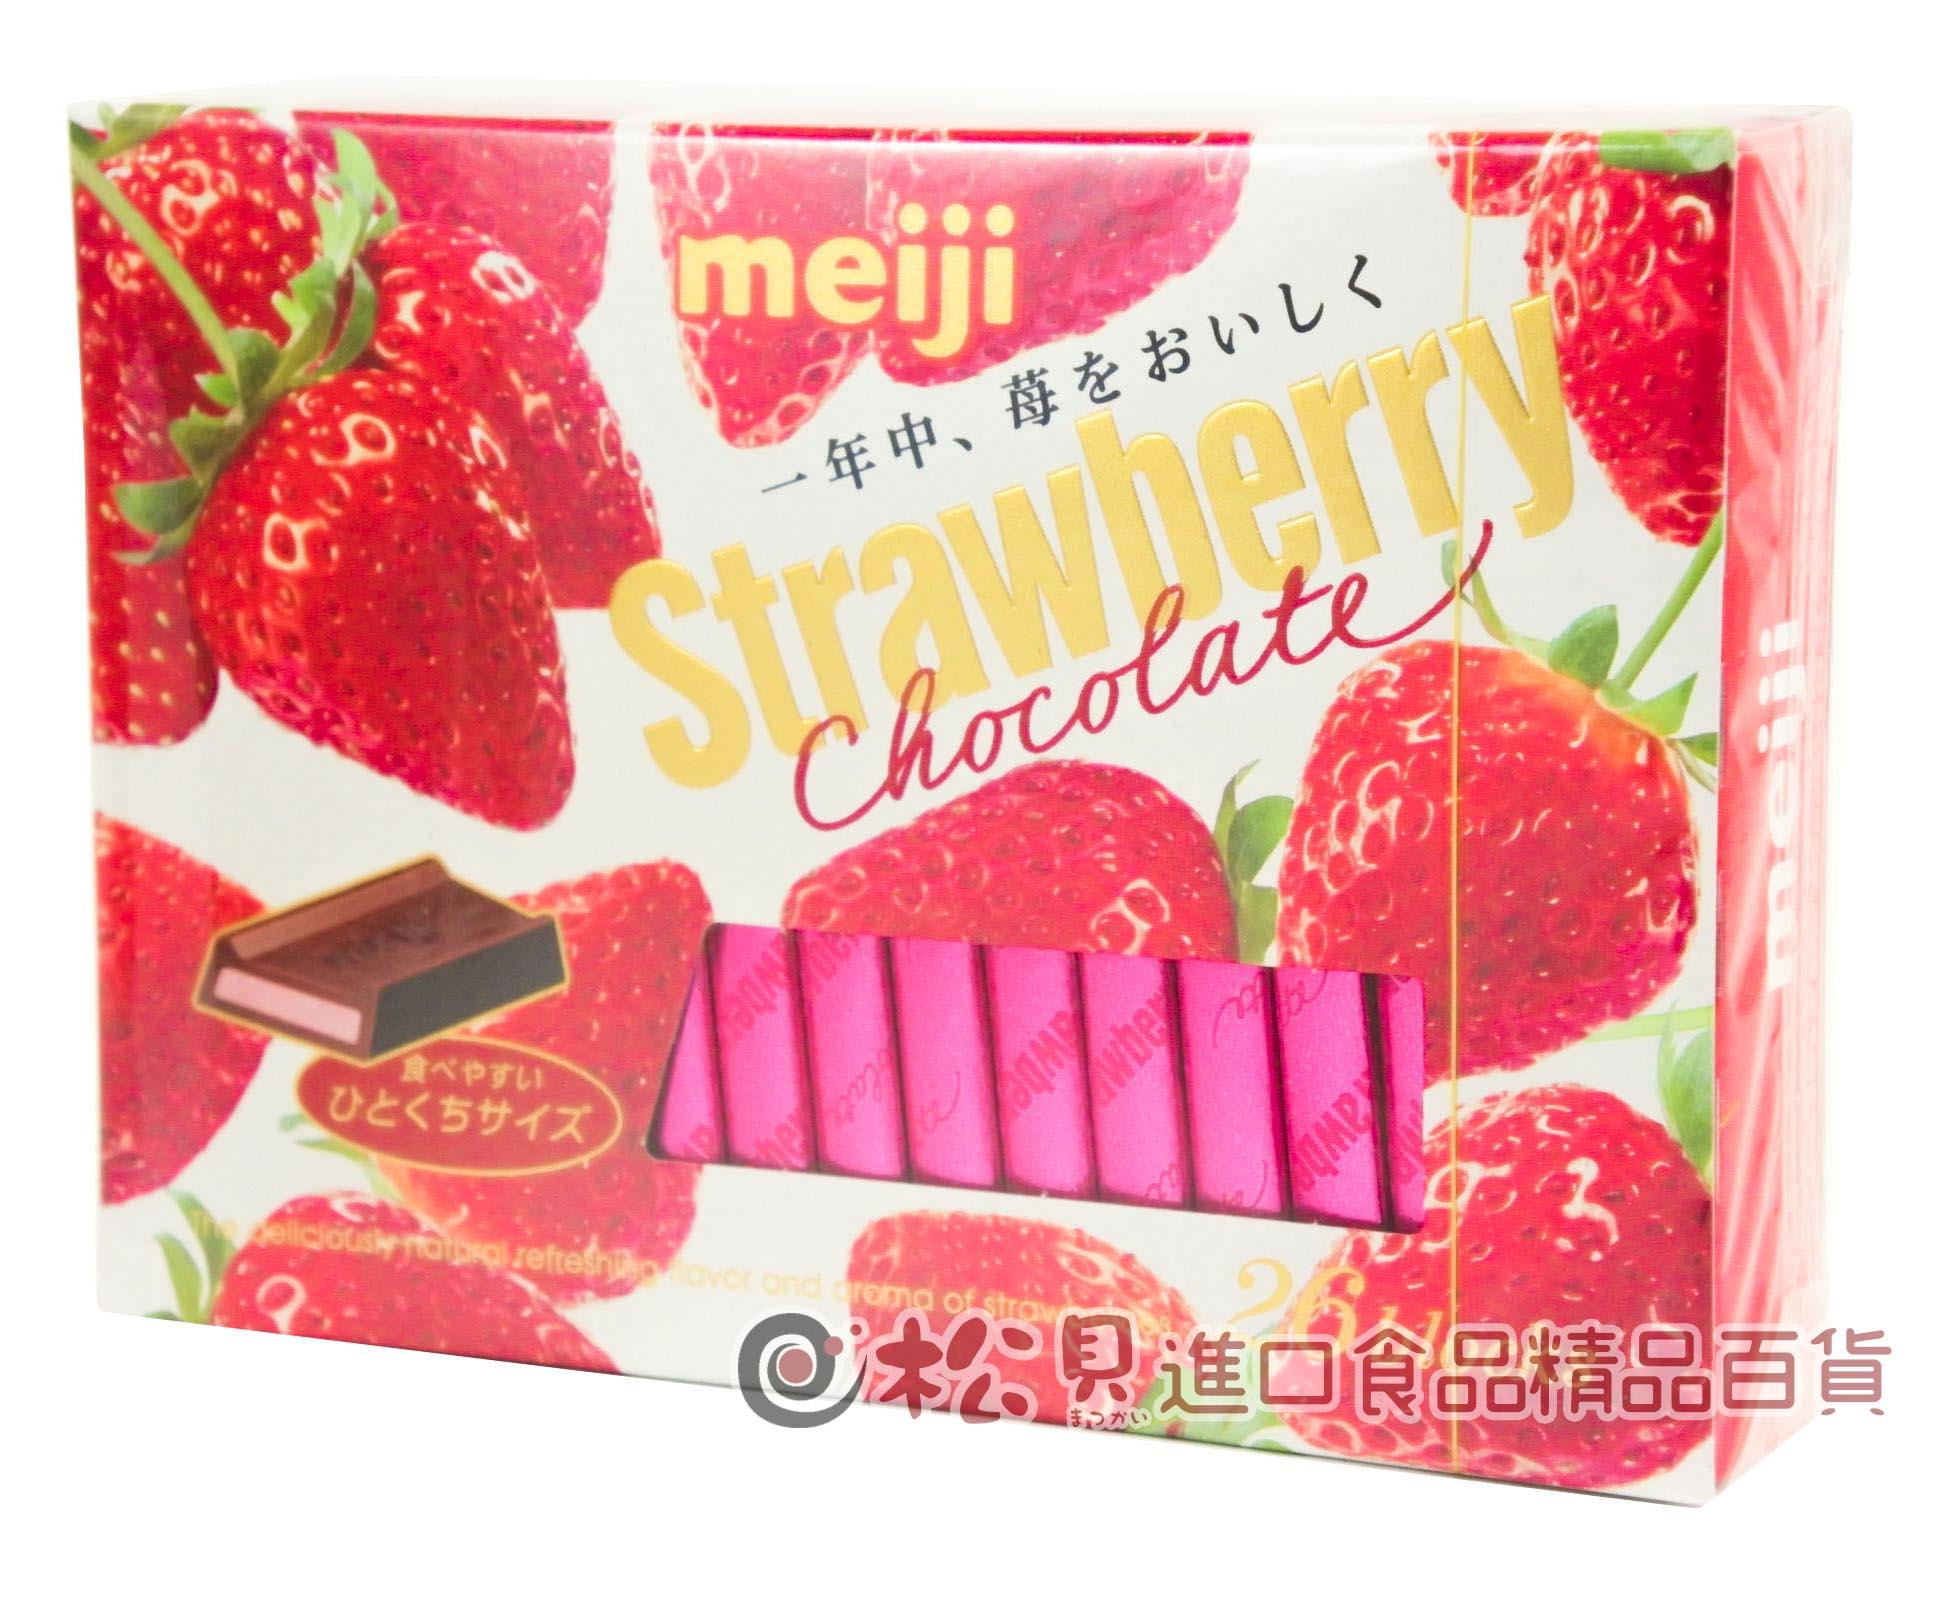 明治薄片草莓巧克力26枚120g【4902777026329】.jpg